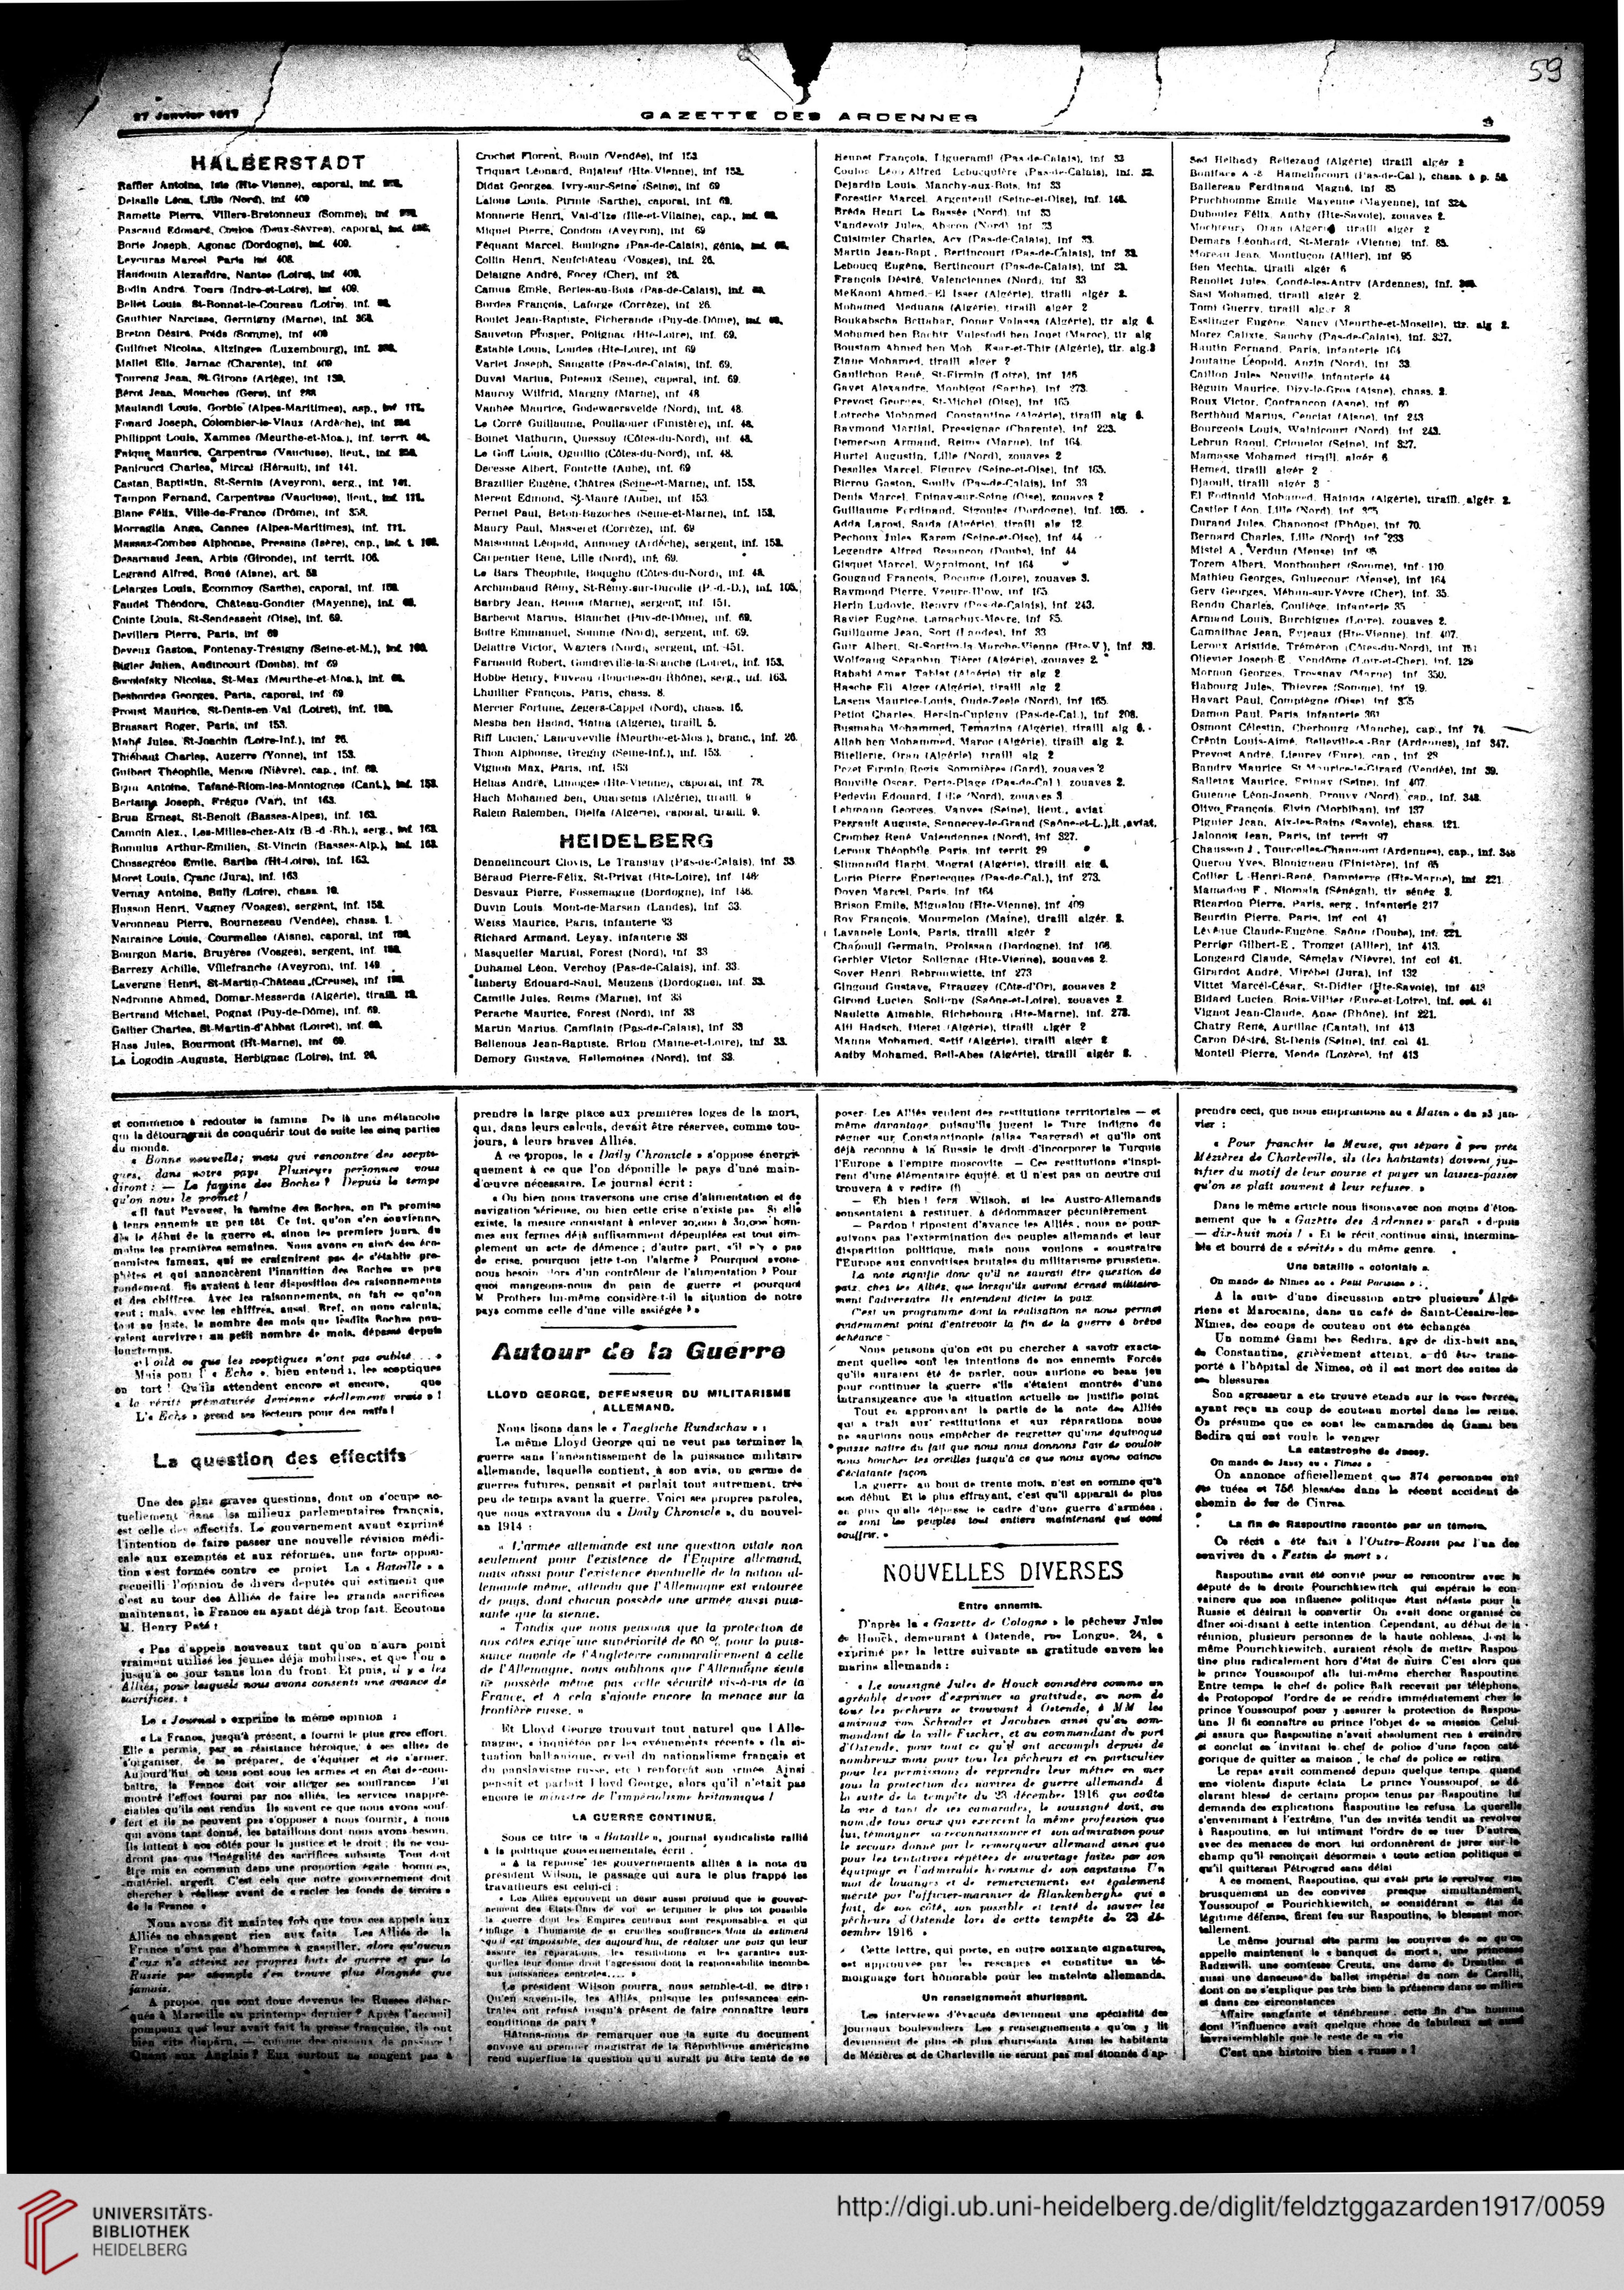 Gazette Des Ardennes Journal Des Pays Occupes Januar 1917